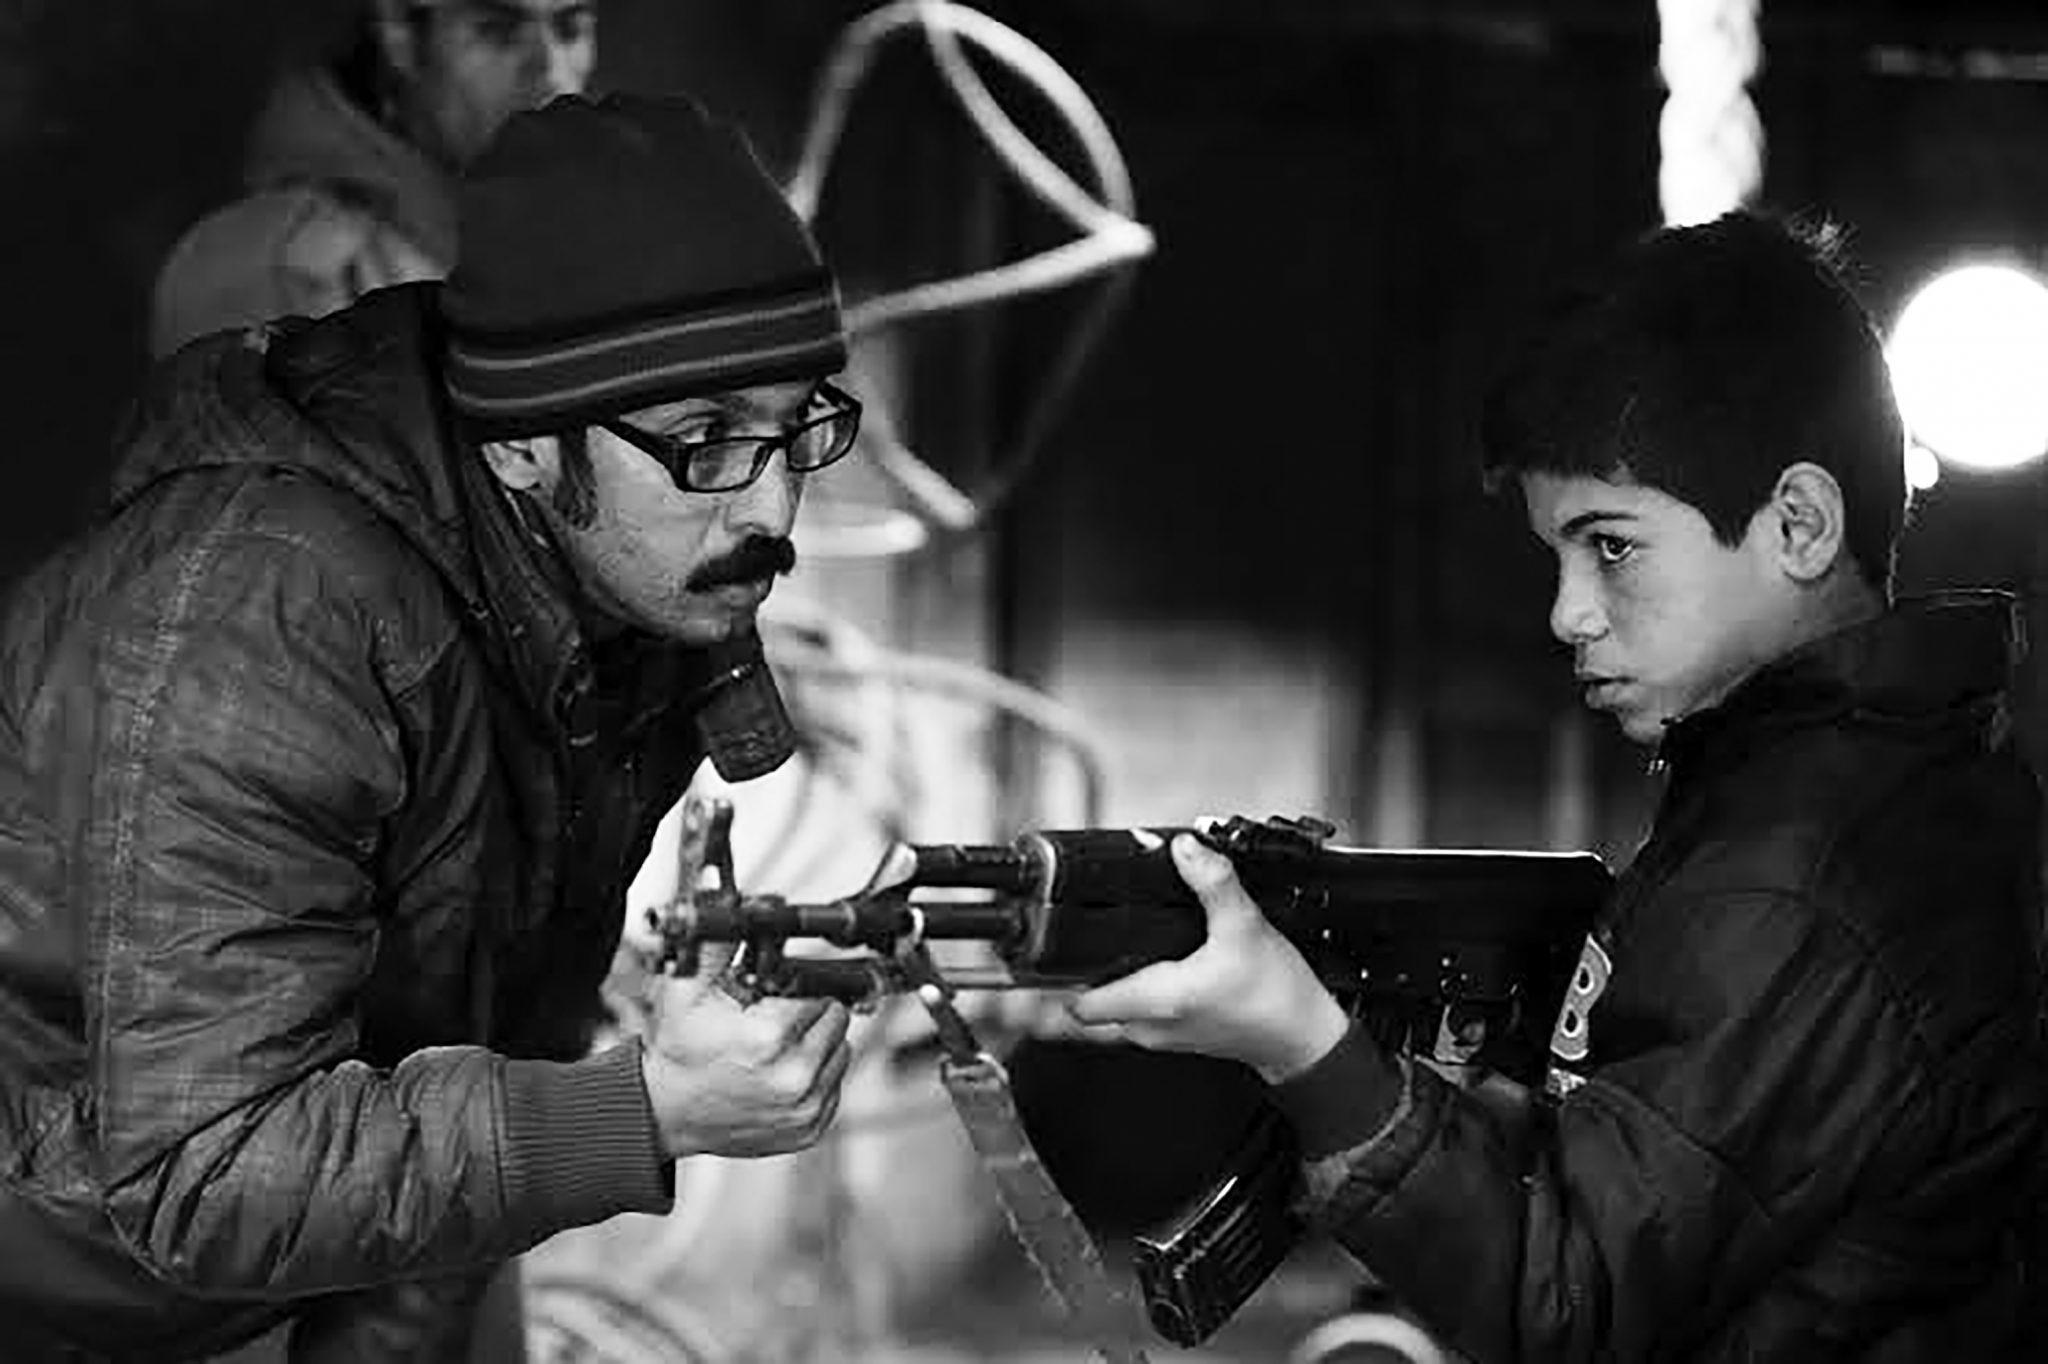 سوژه ها به سمتم می آیند / گفت و گو با امیر حسین عسگری نویسنده و کارگردان سینما